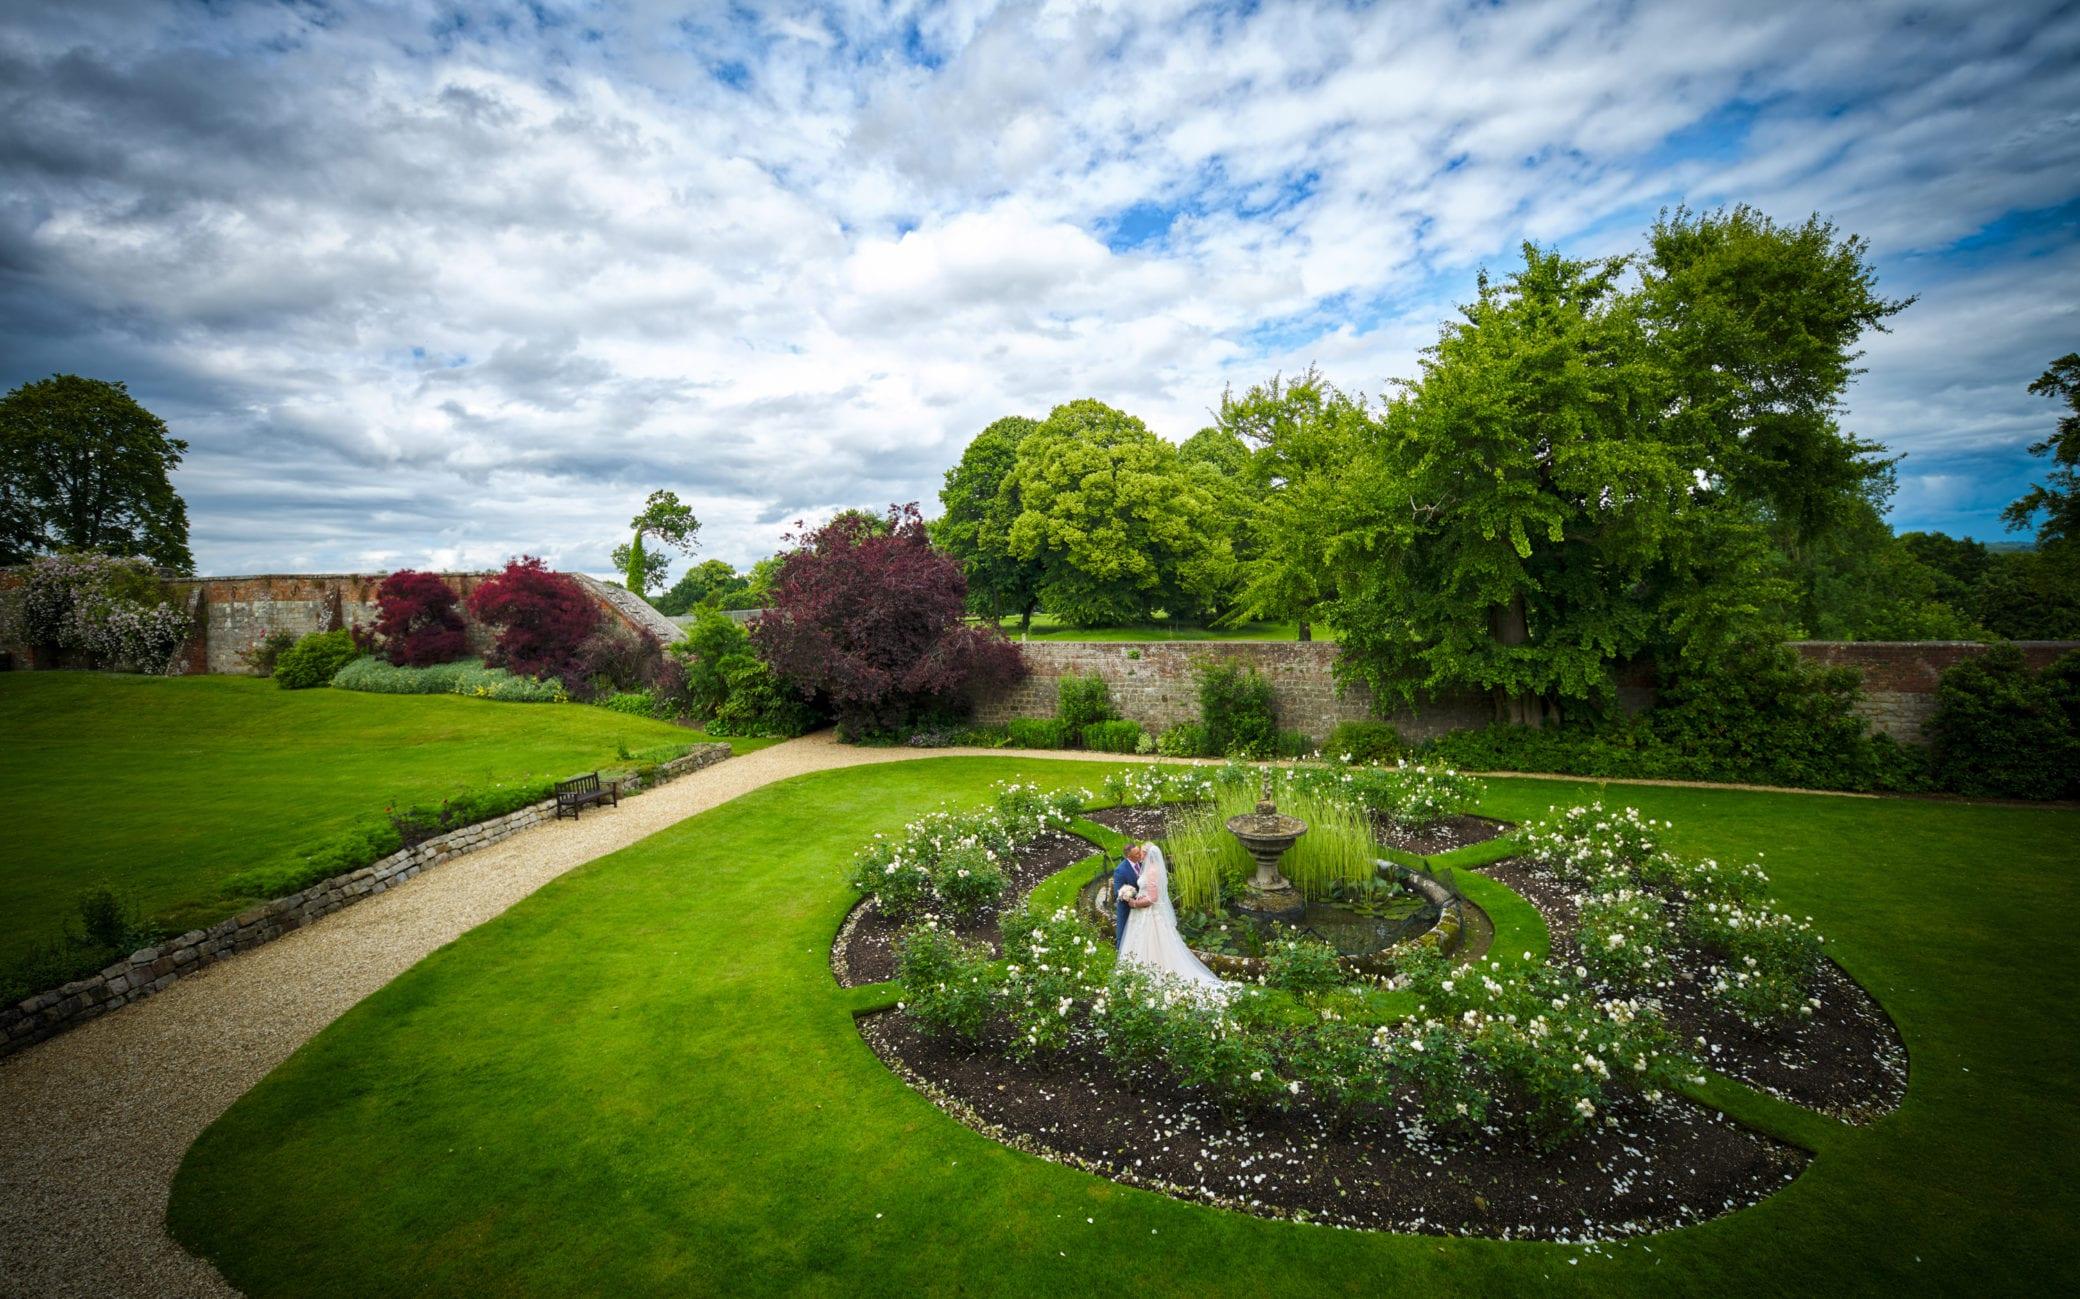 Wedding venue with gardens in Surrey